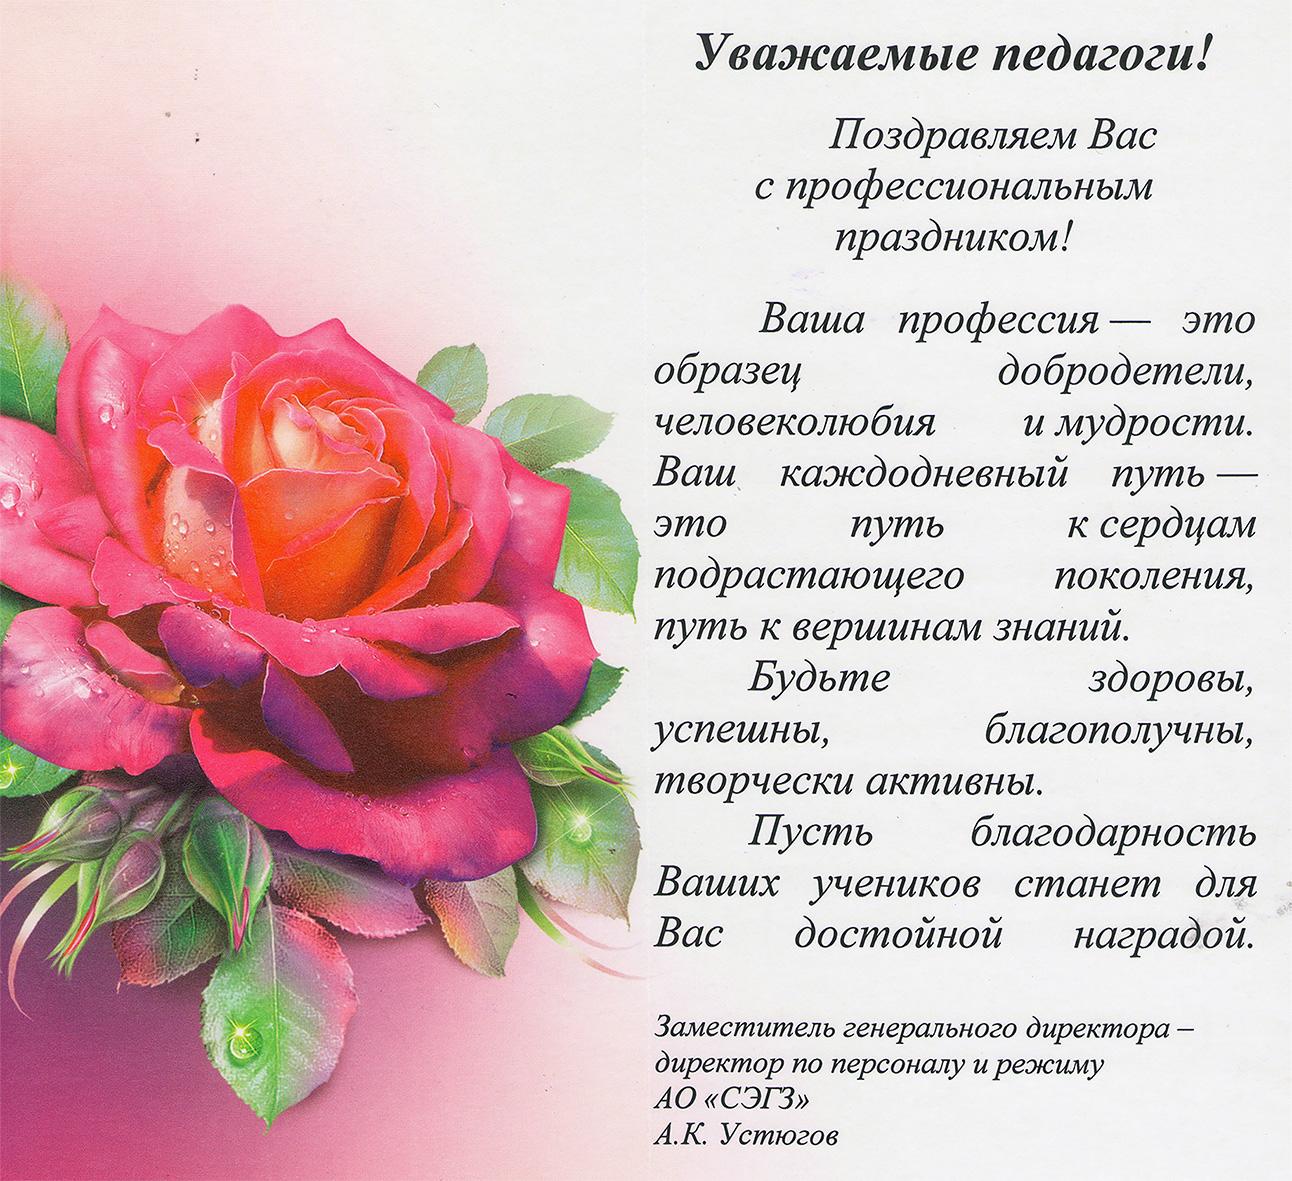 Поздравление с профессиональным праздником учителя 95